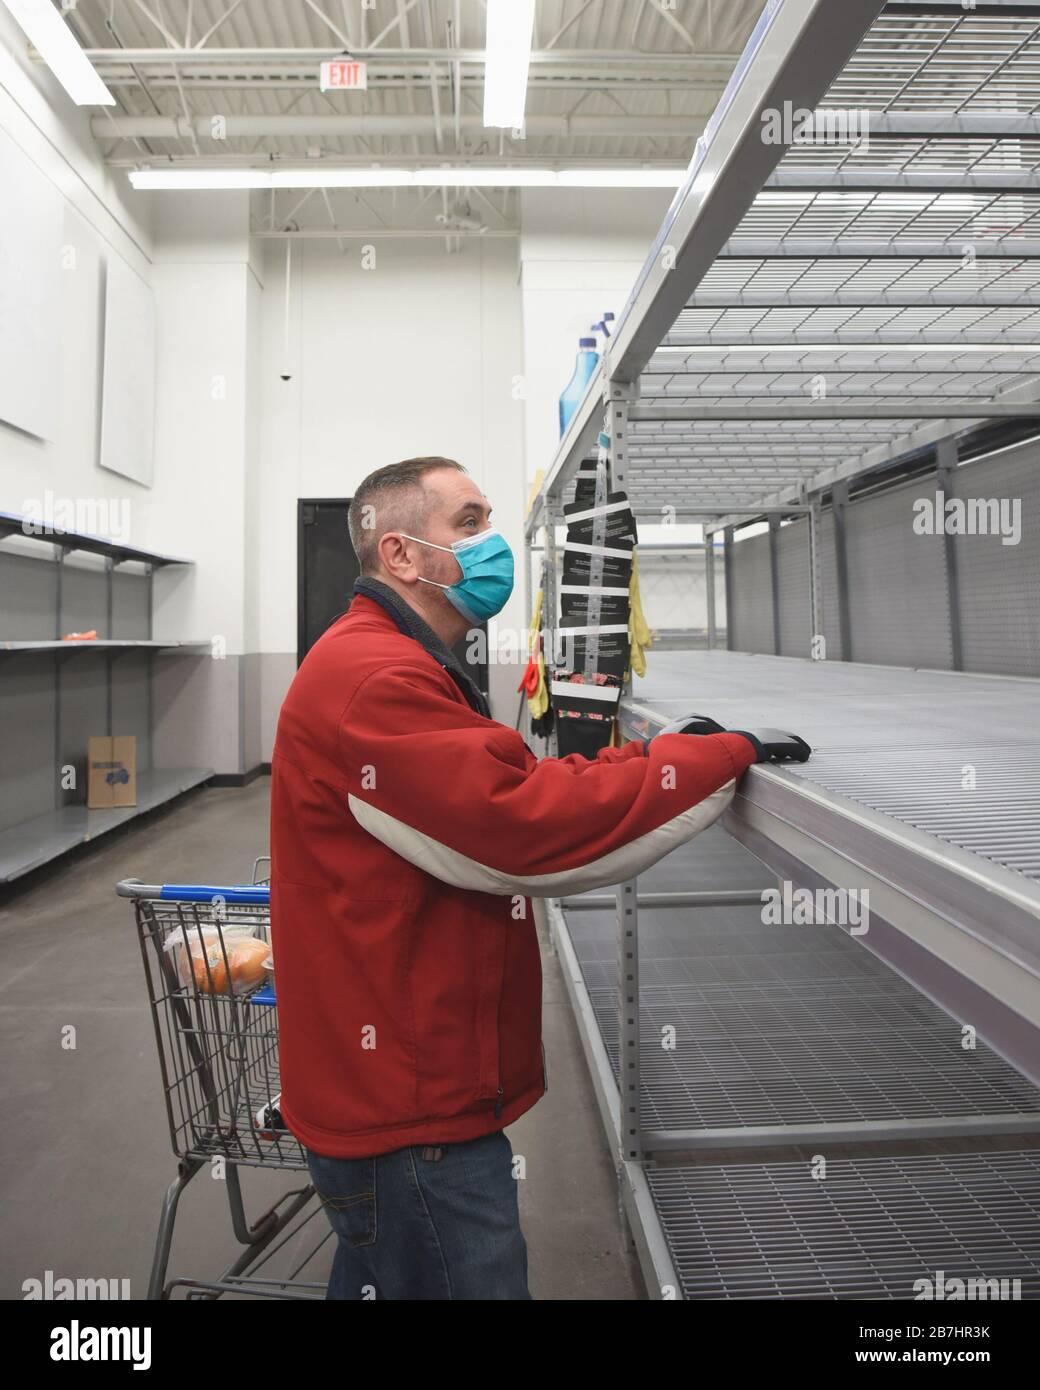 Un homme se tient dans une épicerie portant un masque antivirus en regardant le plateau vide pour un concept de pandémie de virus corona. Banque D'Images